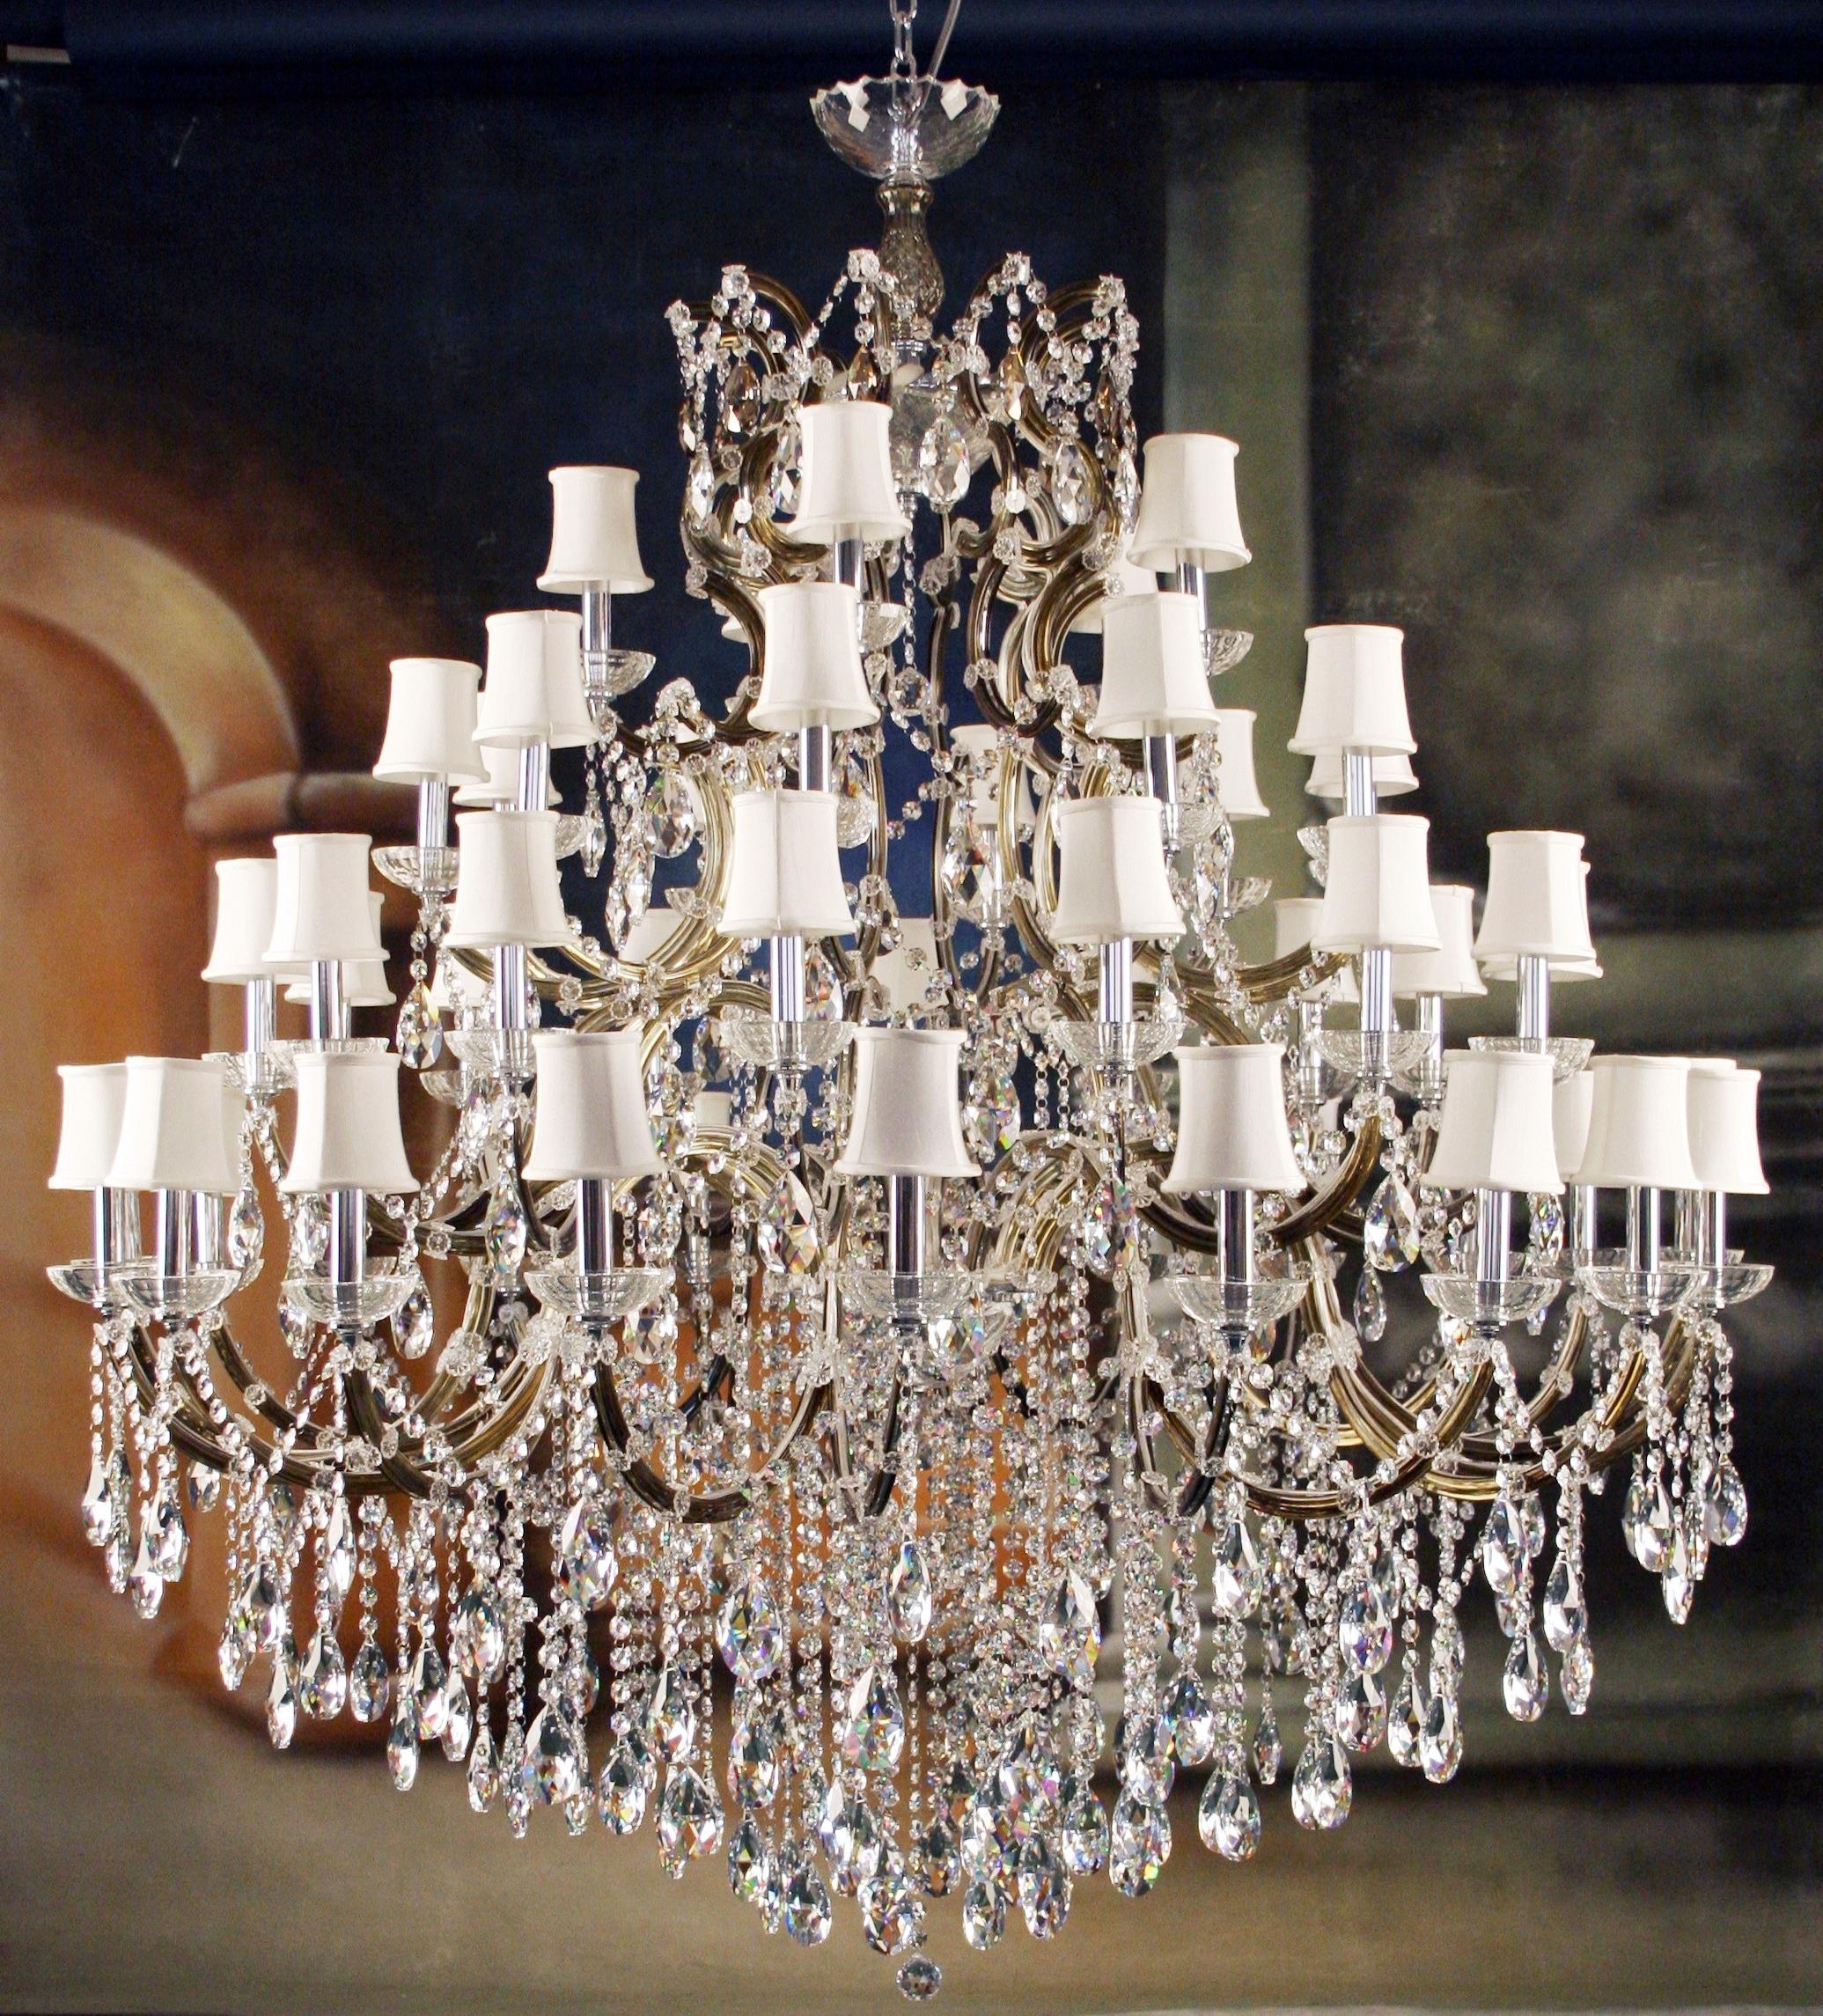 Huge Crystal Chandeliers Regarding Most Popular Great Impressive Unique Crystal Chandeliers Designer Lighting Unique (View 10 of 20)